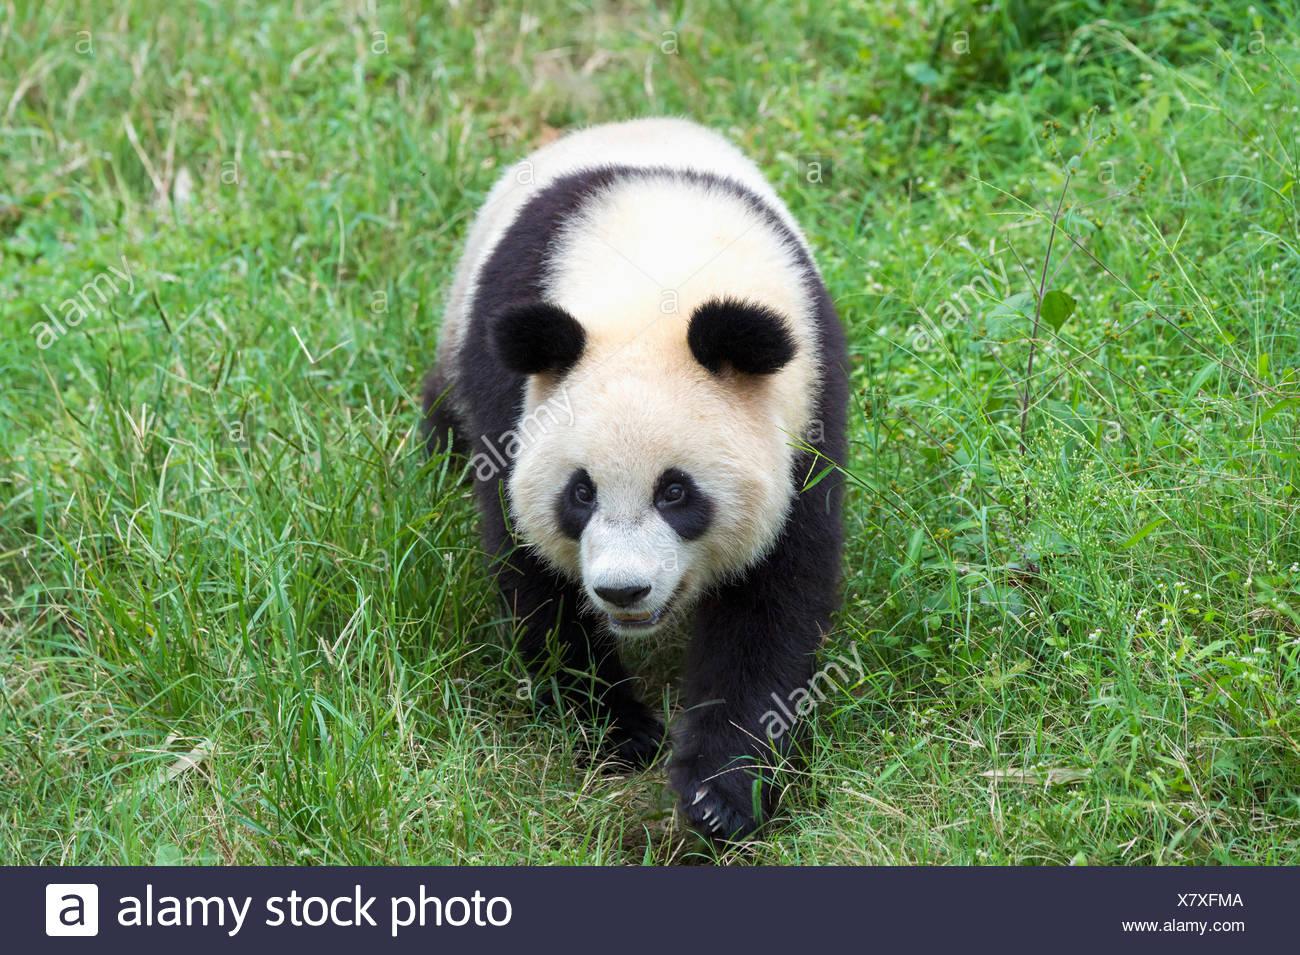 Panda géant (Ailuropoda melanoleuca), de la Chine et de Conservation Centre de recherche pour les pandas géants, Chengdu, Sichuan, Chine Photo Stock